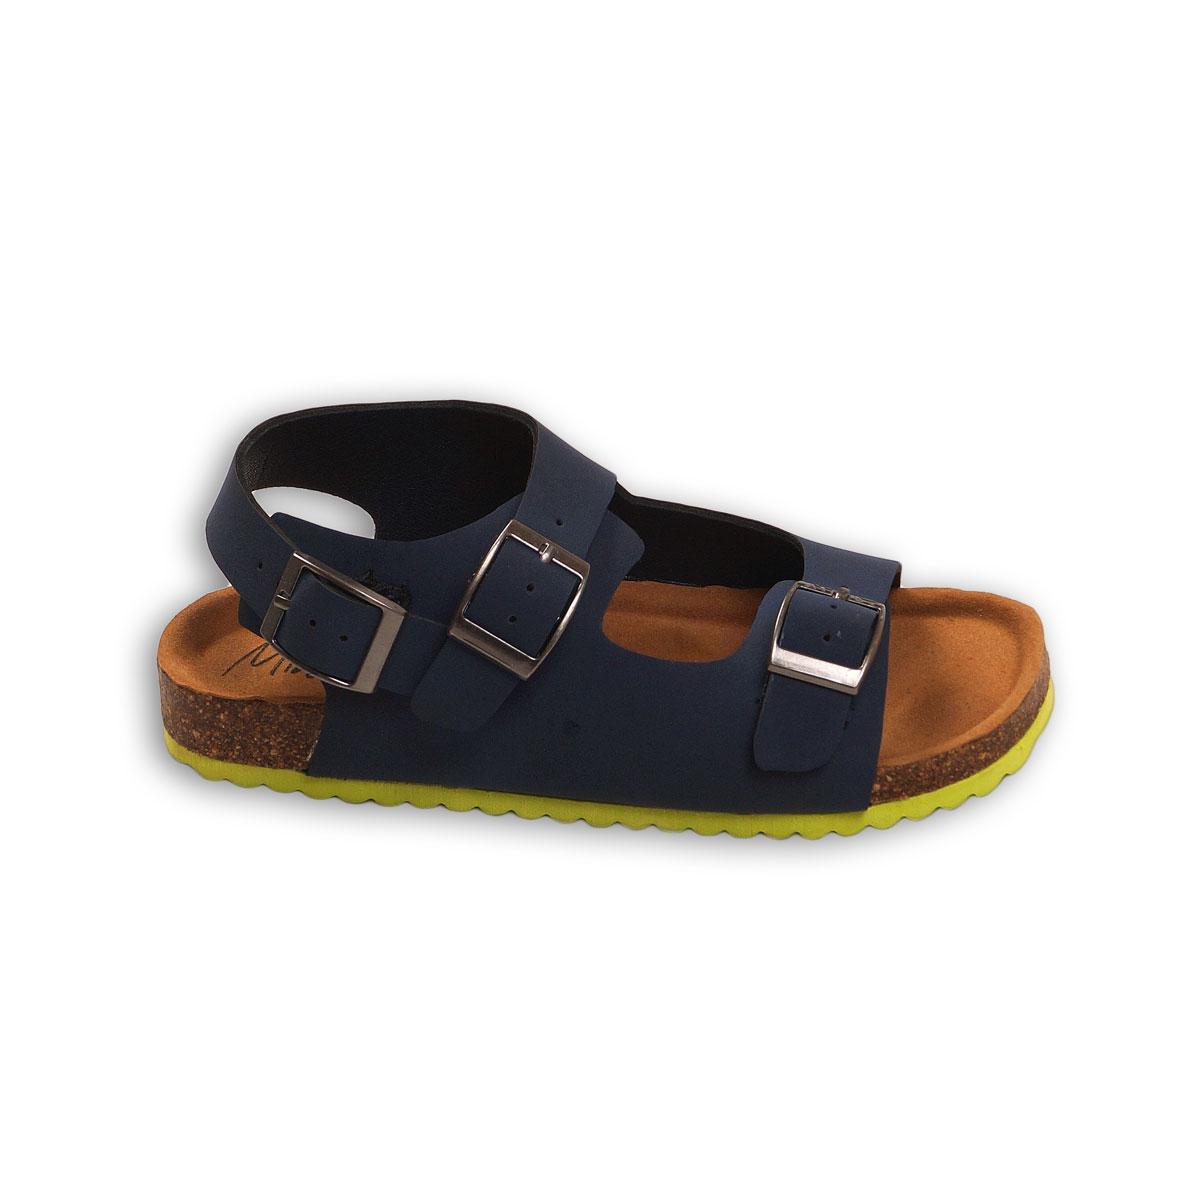 Sandale in curele duble cu catarame si banda galbena, Minoti Shoe